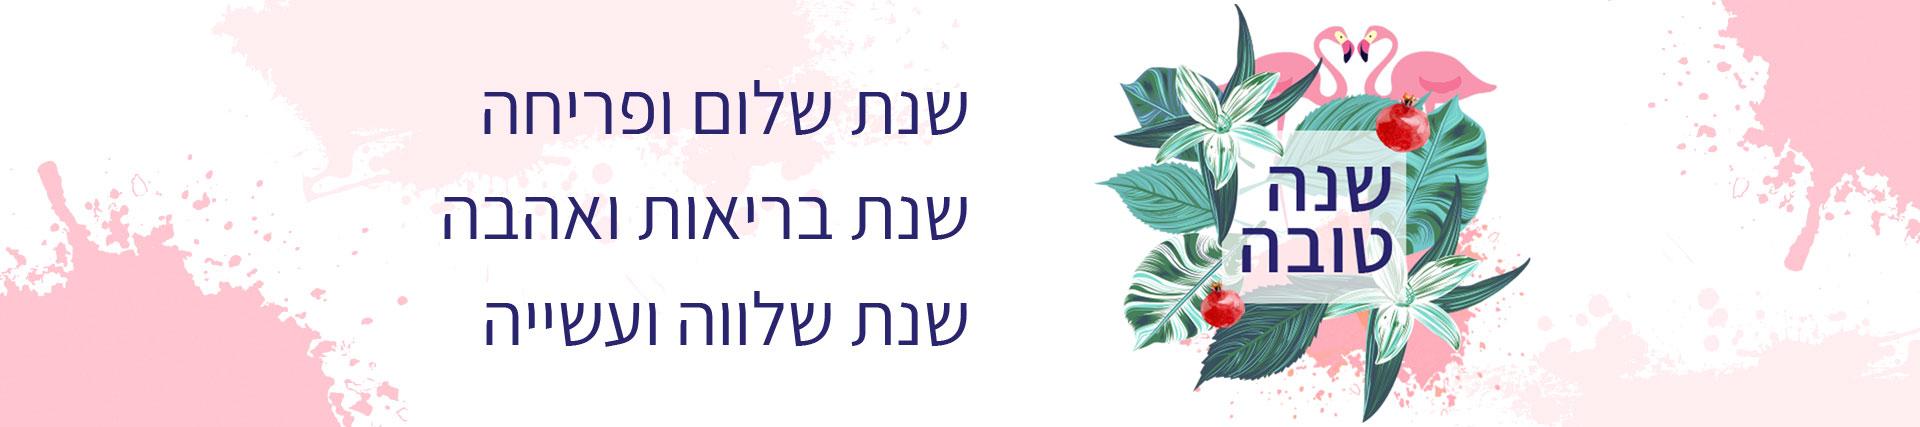 home-page-banners_SHANA-TOVA